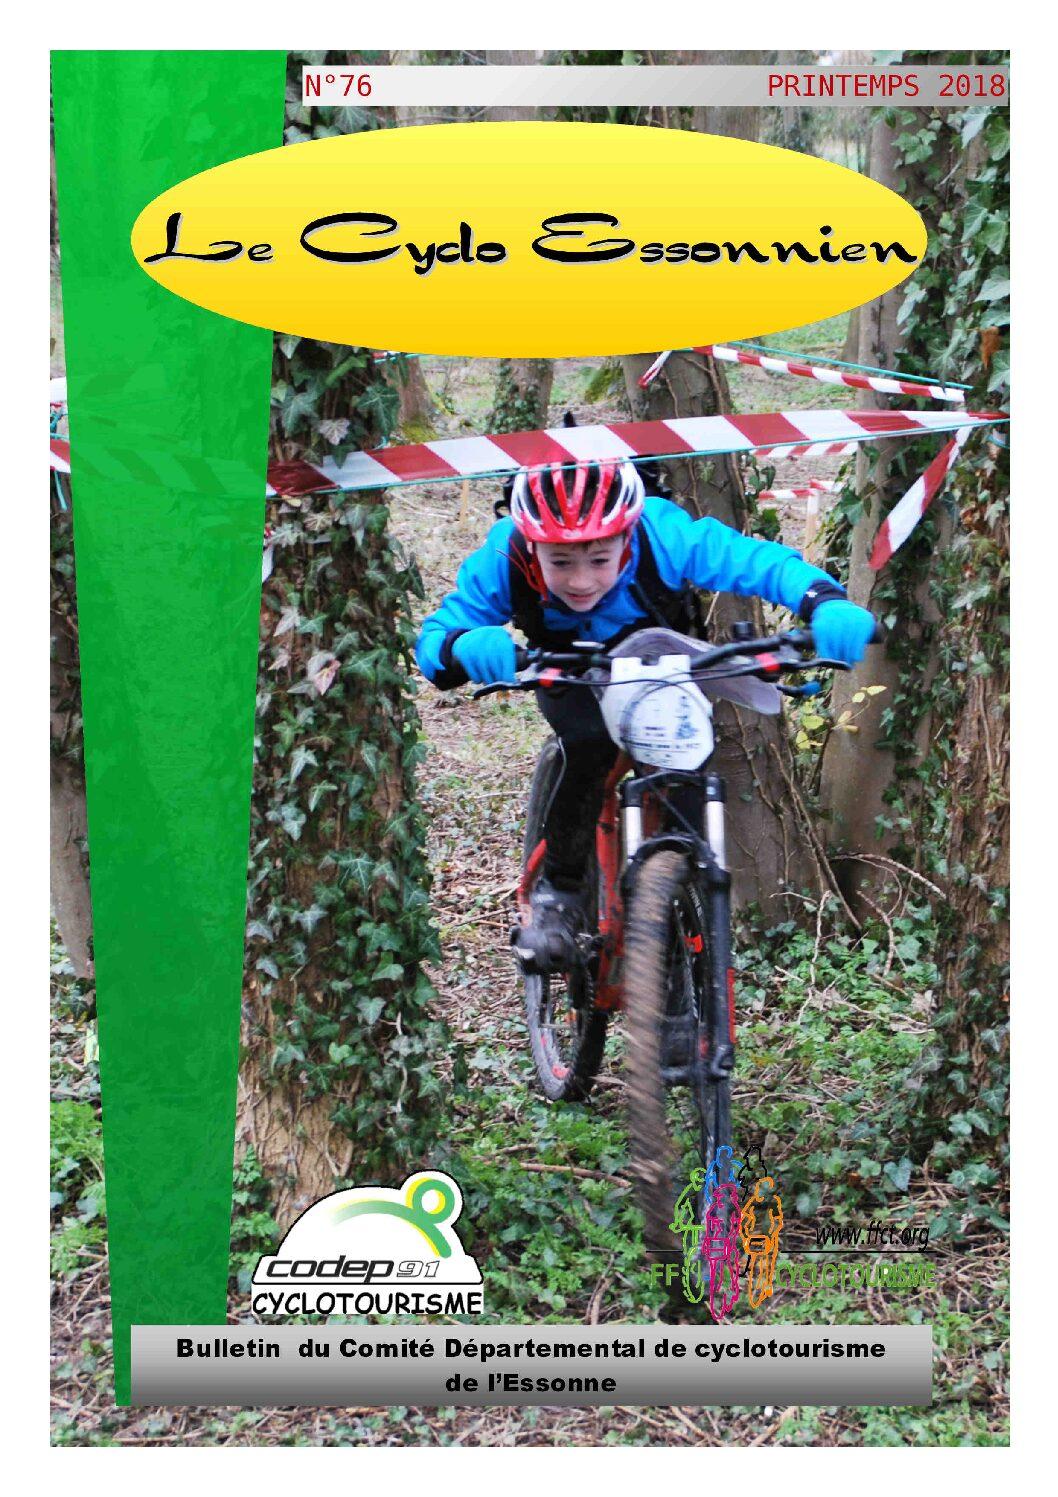 Le Cyclo Essonnien n°76